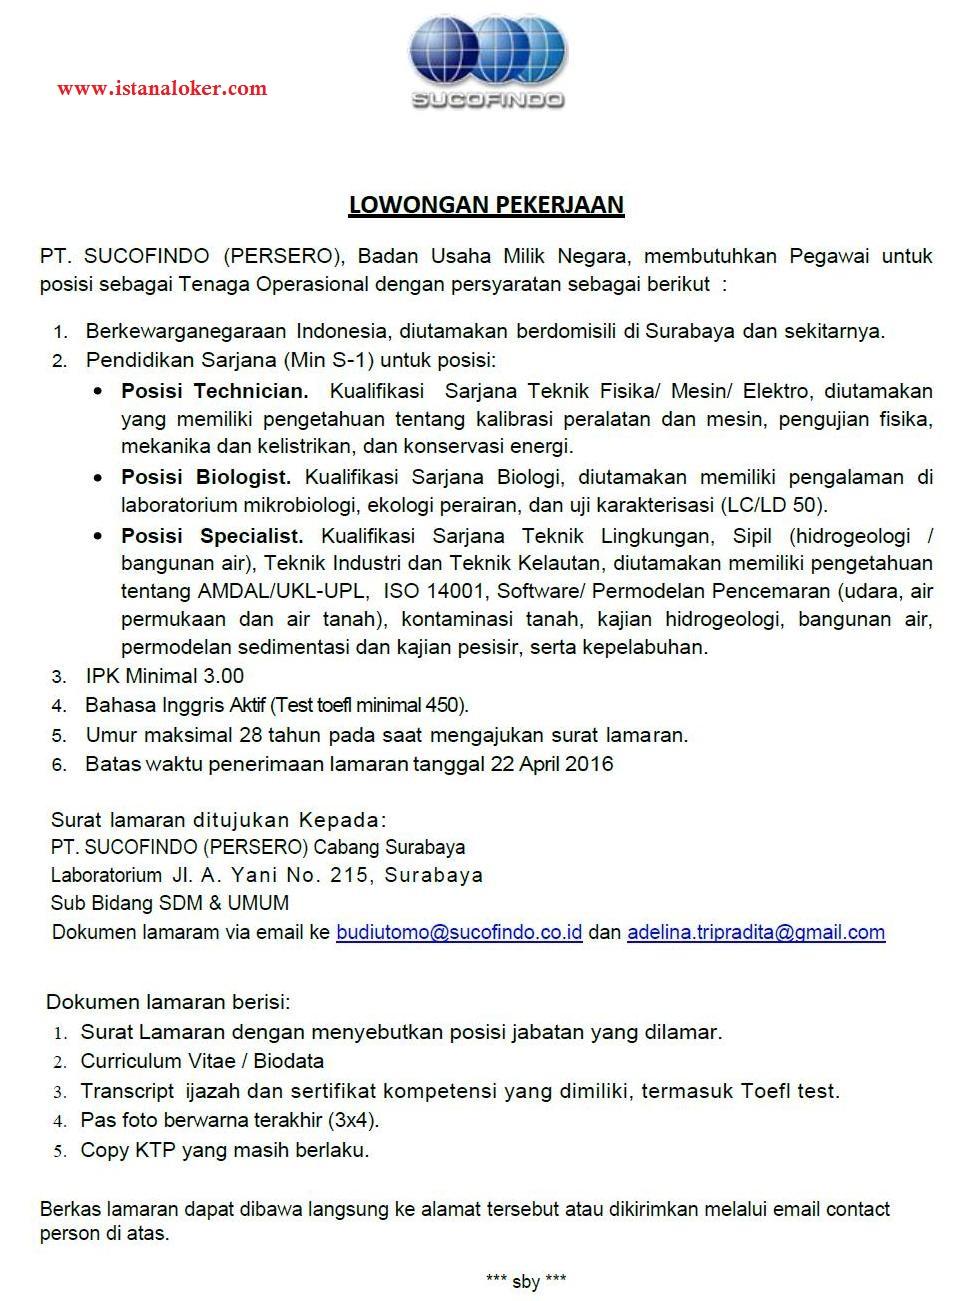 Lowongan Kerja PT. Sucofindo (Persero) Cabang Surabaya